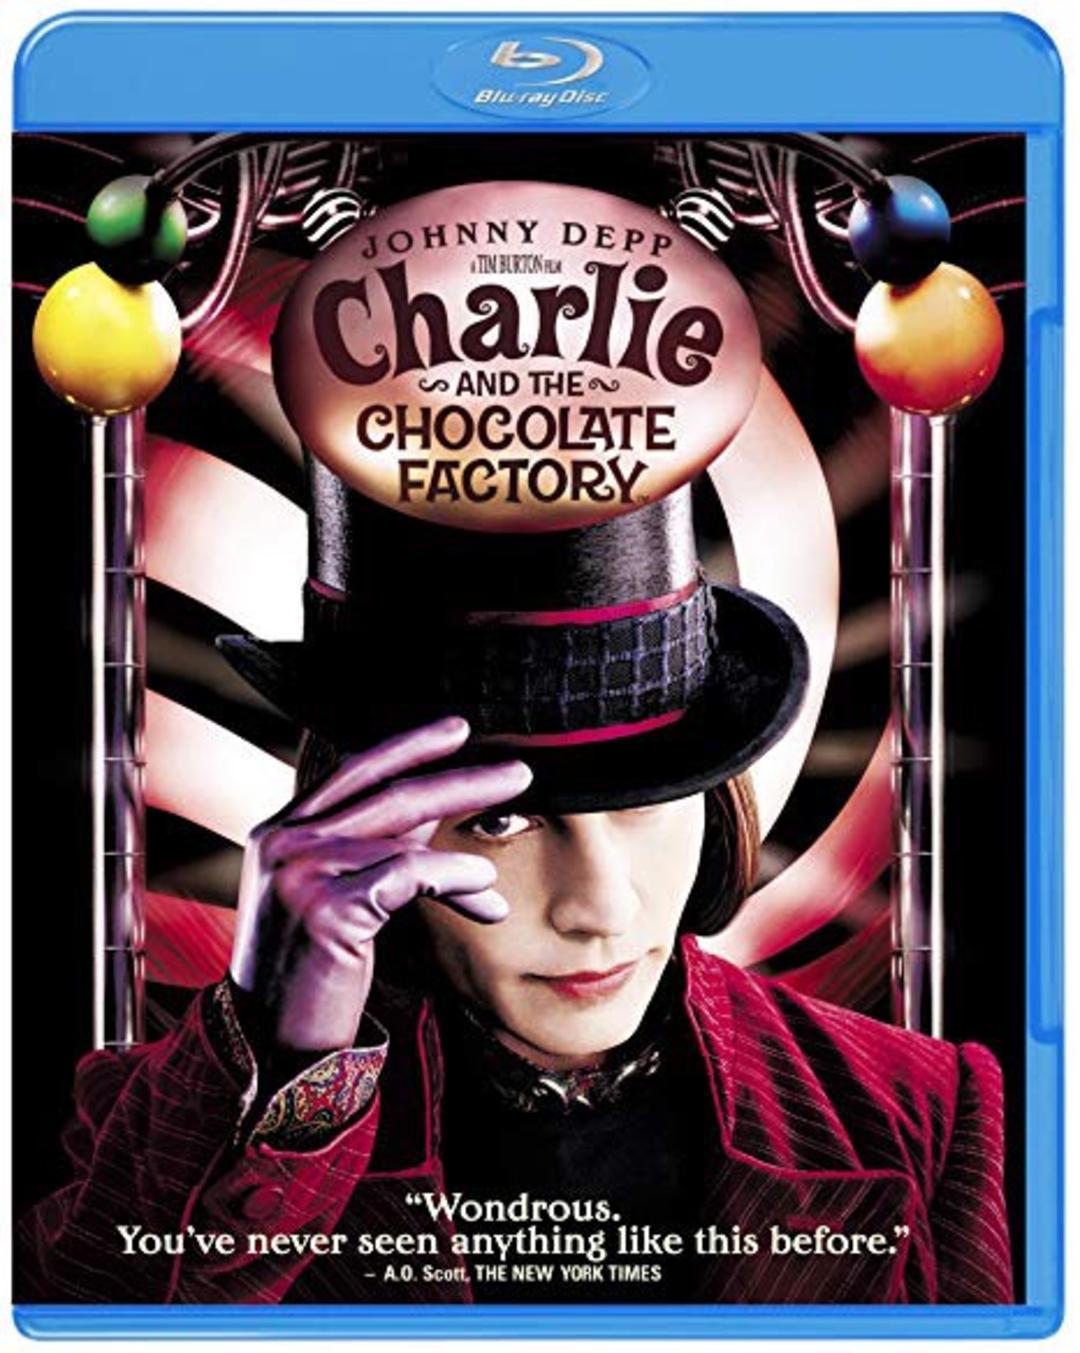 ワクワクできる映画『チャーリーとチョコレート工場』